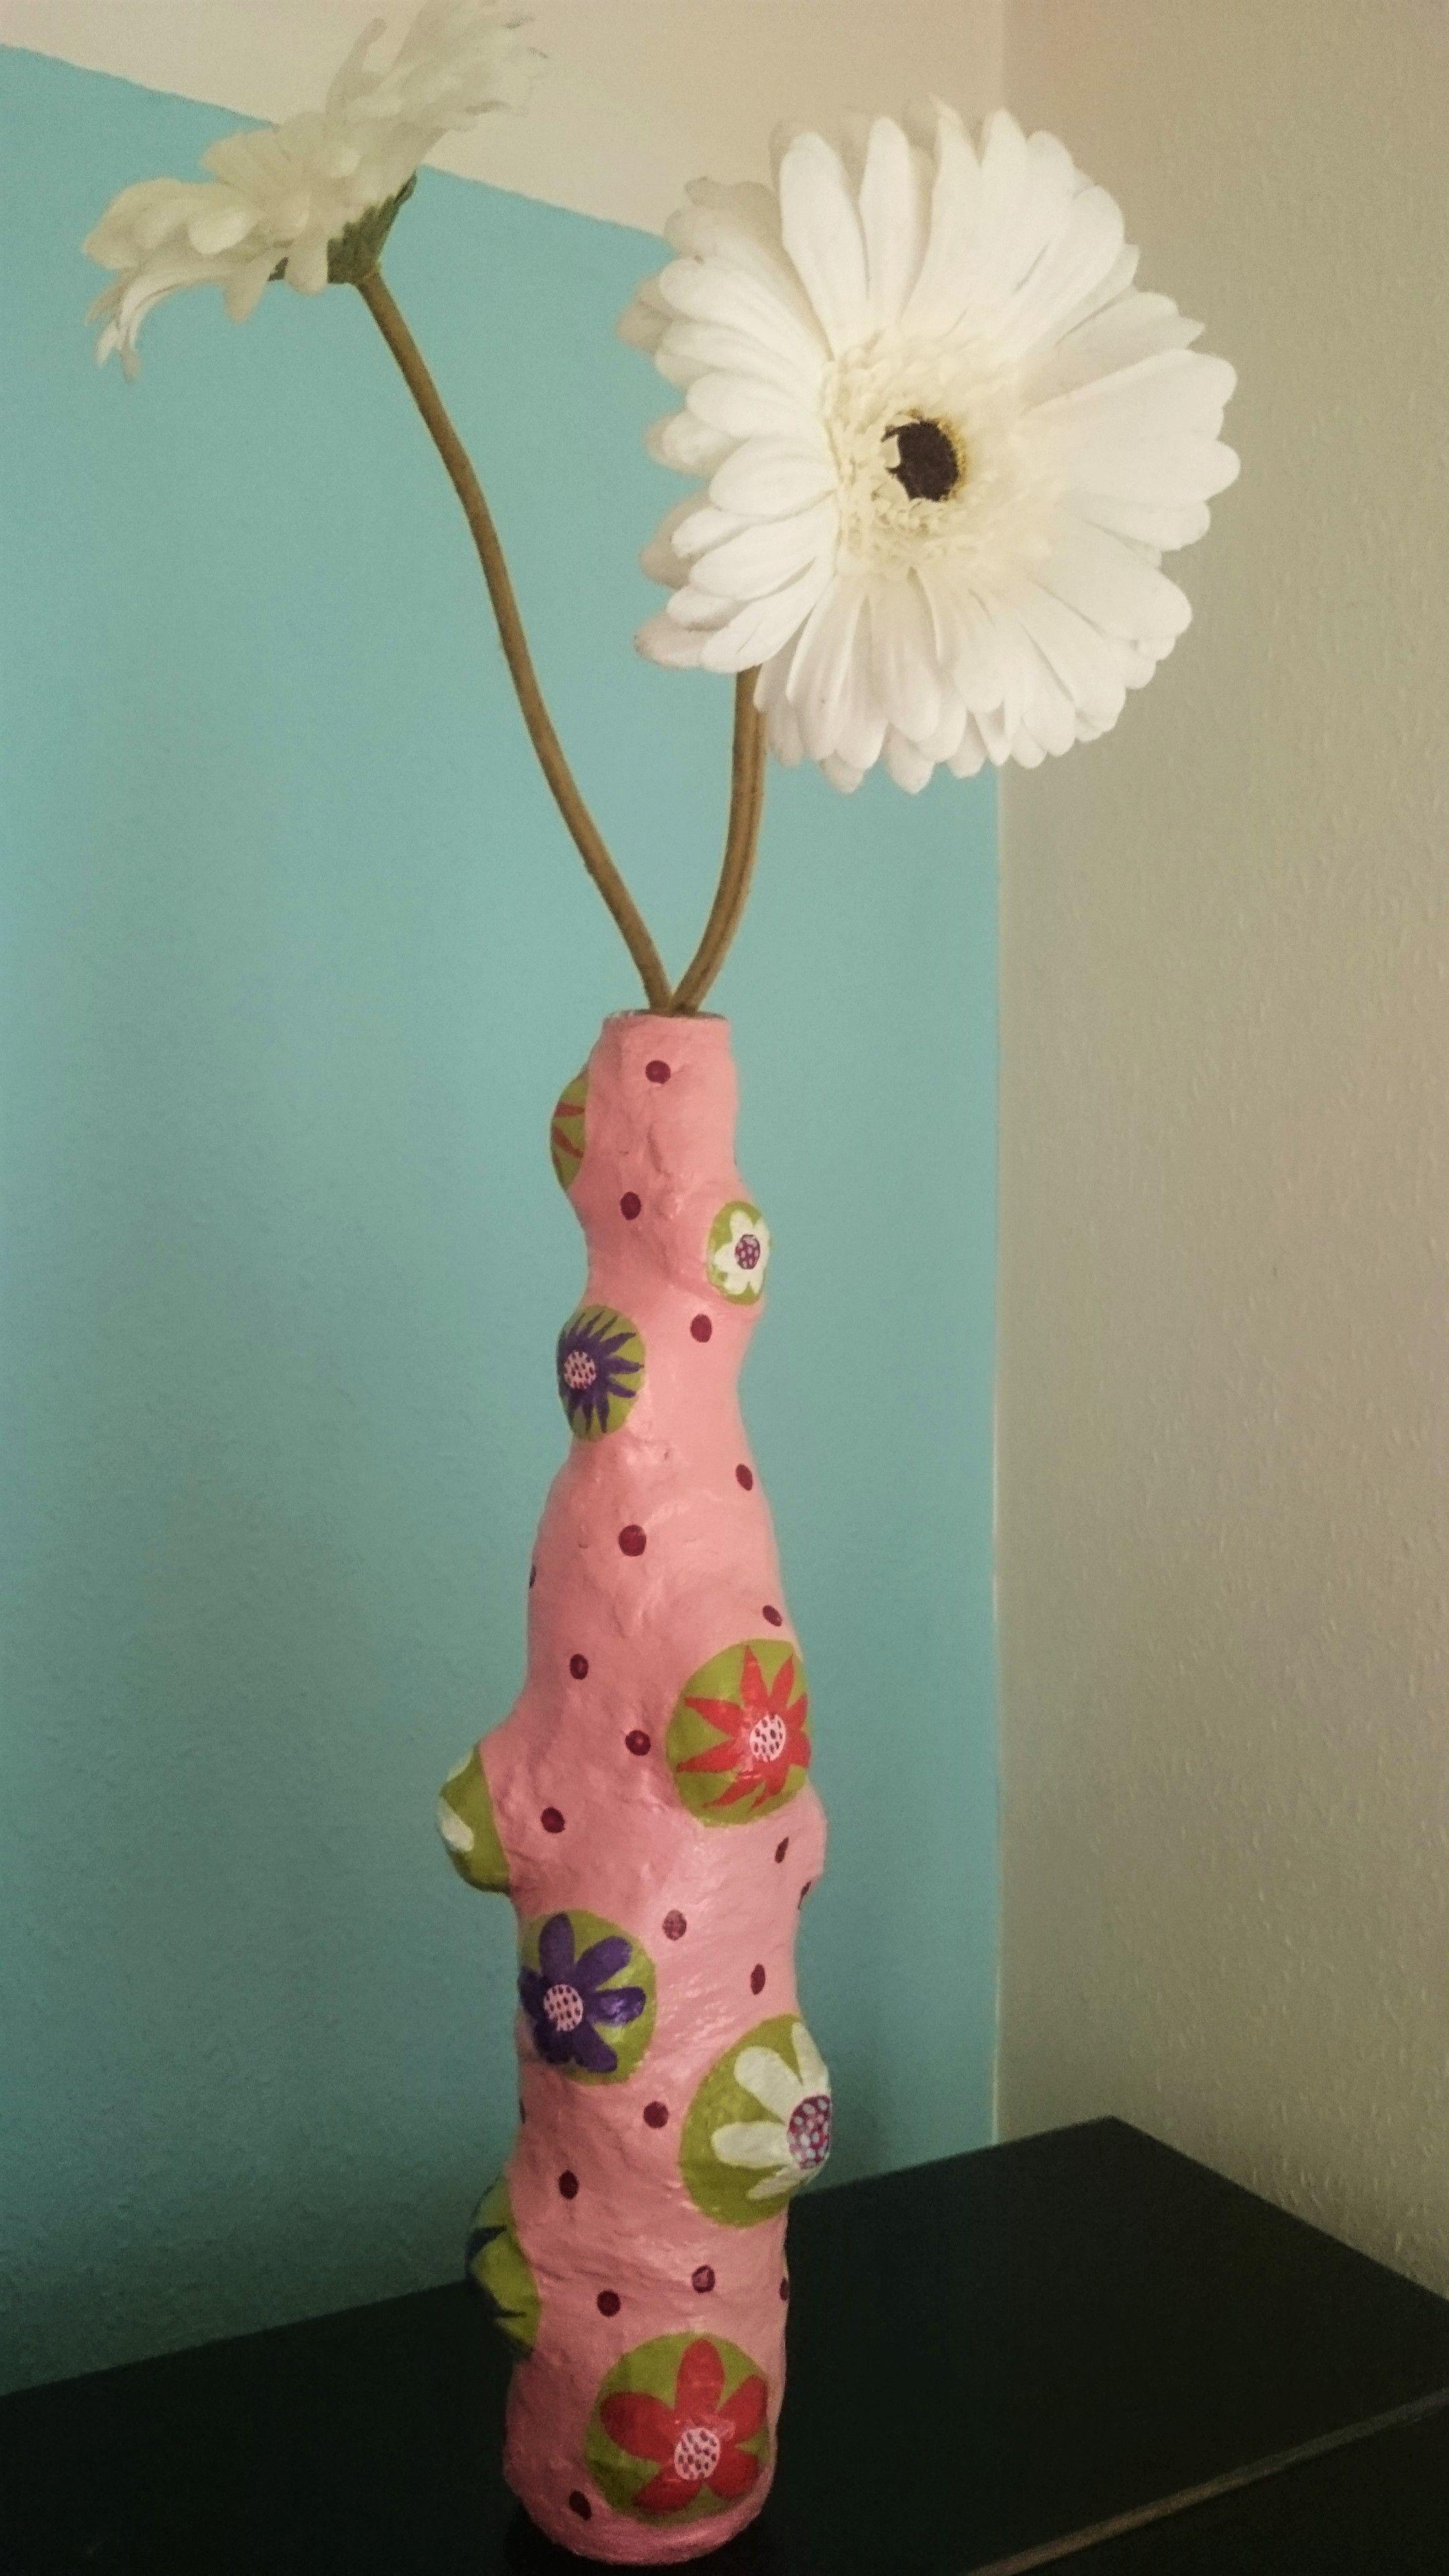 Individuelle bunte Vase!  Hier habe ich eine schmale Likörflasche mit ein paar kleinen Steinen beklebt, mit Gipsbinden umwickelt und danach mit Acrylfarben u. -lack bemalt.